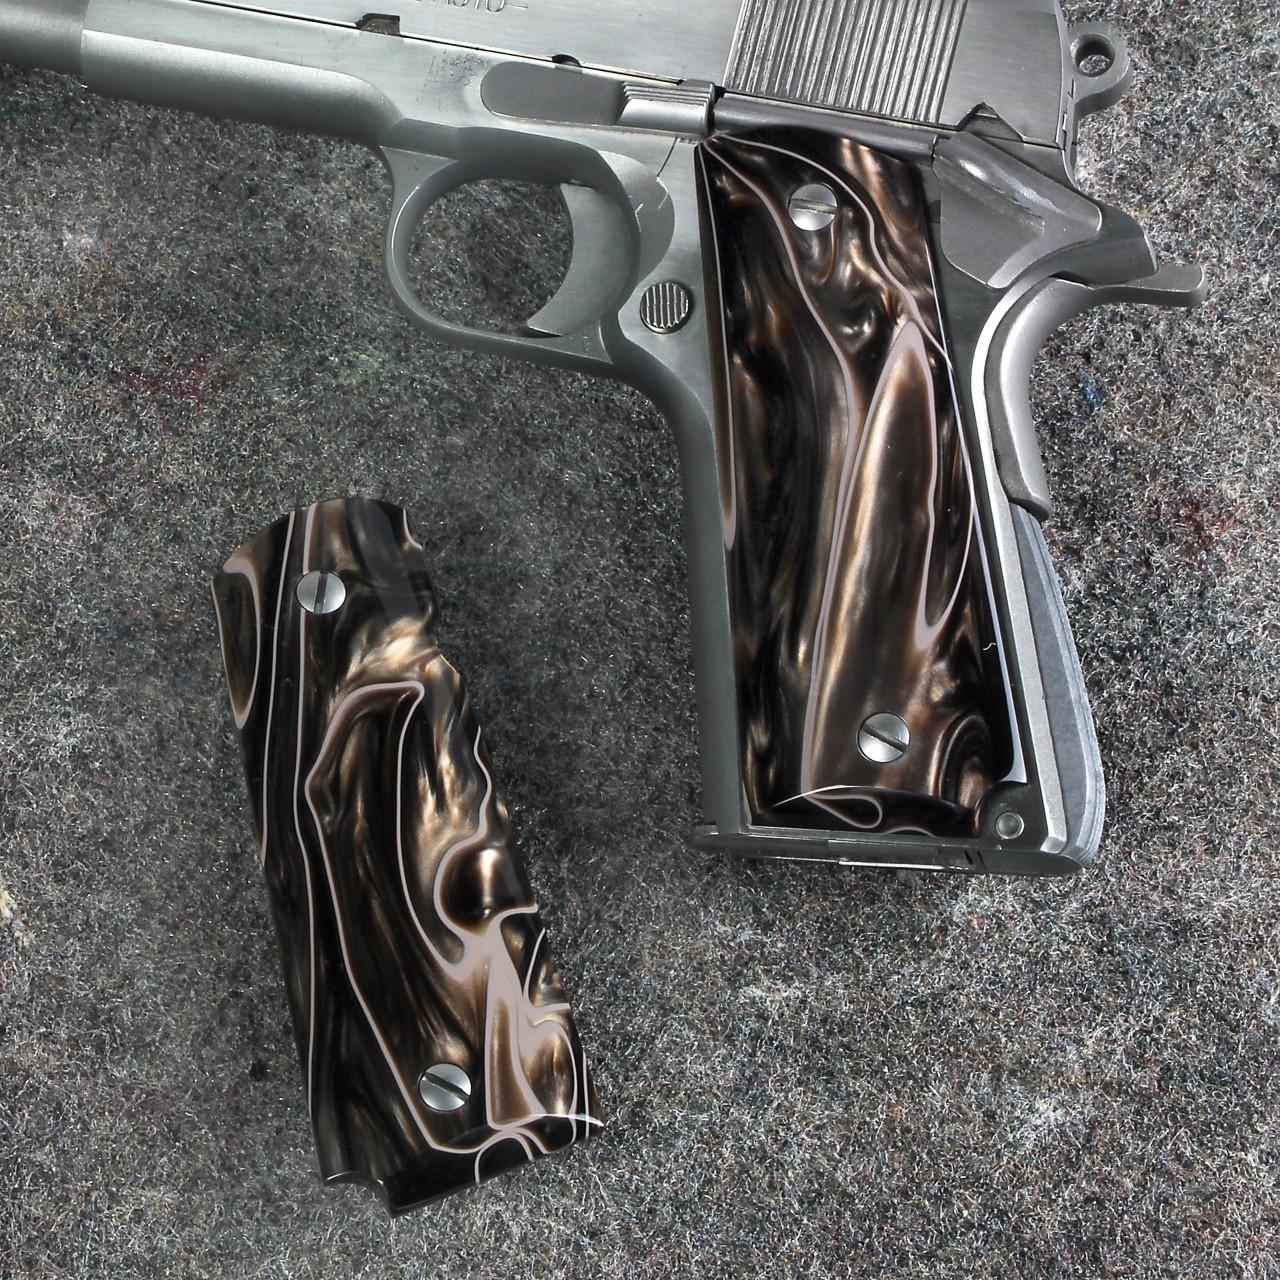 Colt Officers Model 1911 Kirinite™ DESERT CAMO Grips